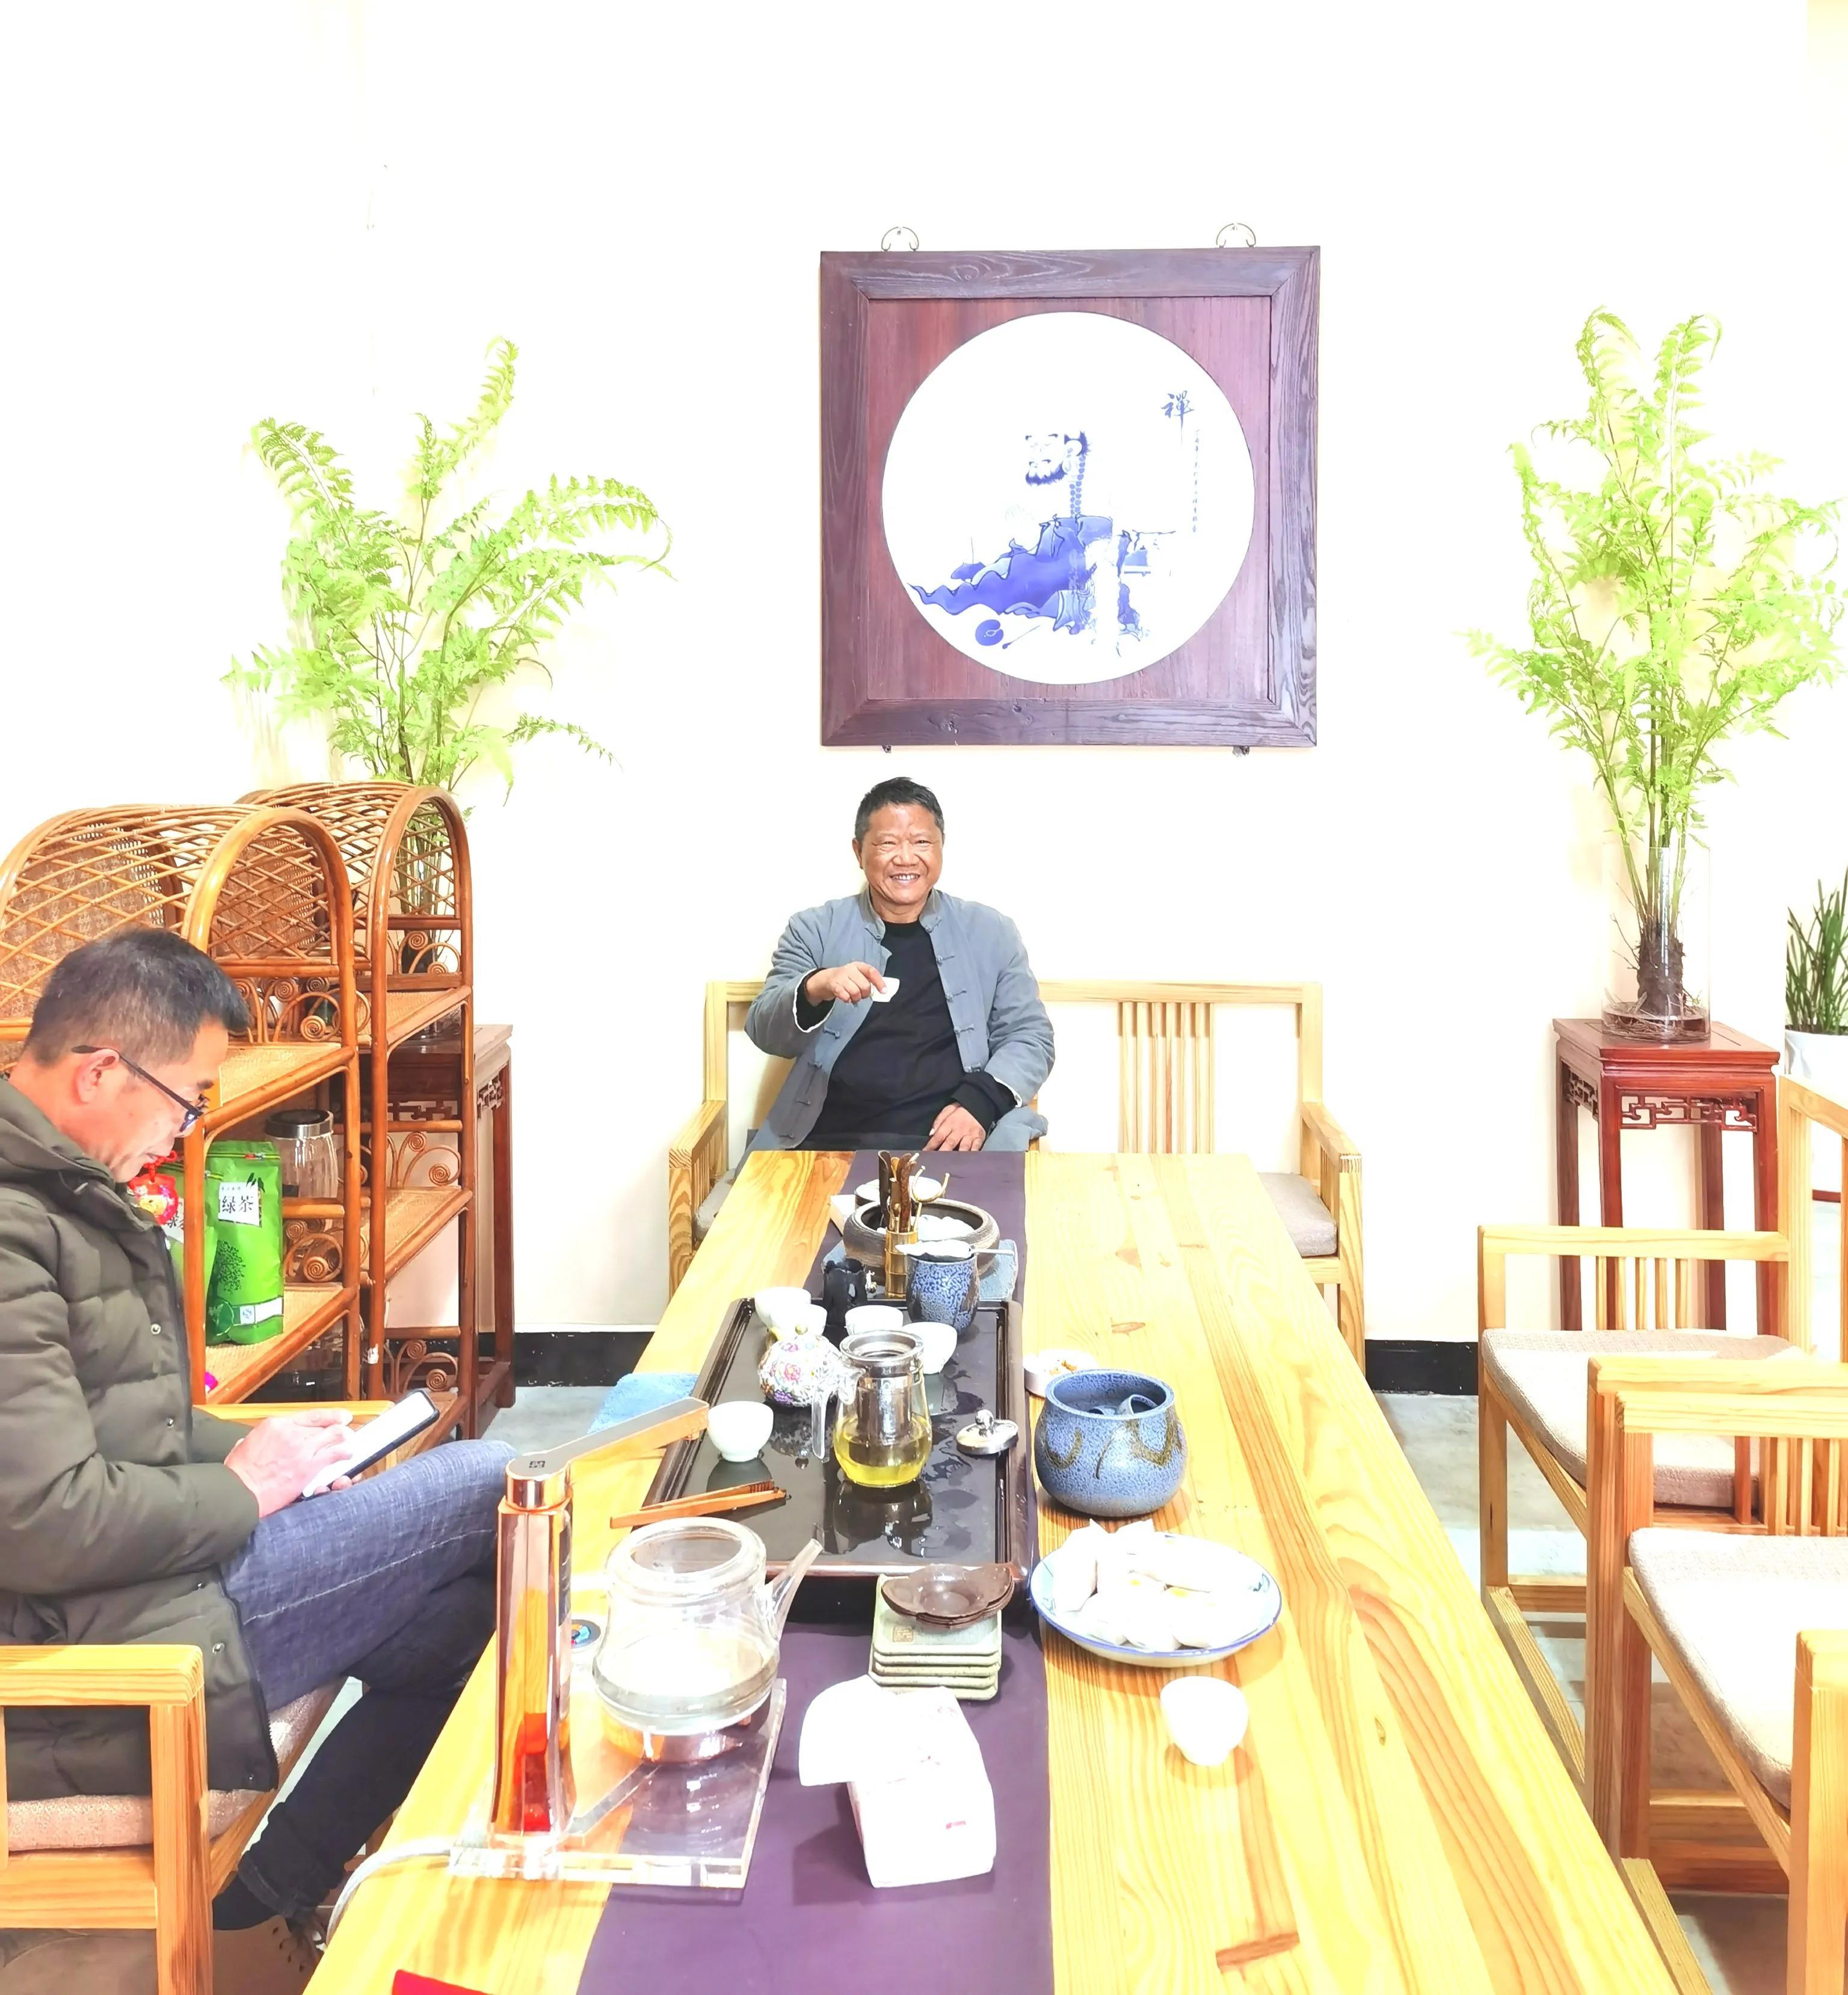 曾祥裕应邀为赣州台湾部落民俗文化村考察风水